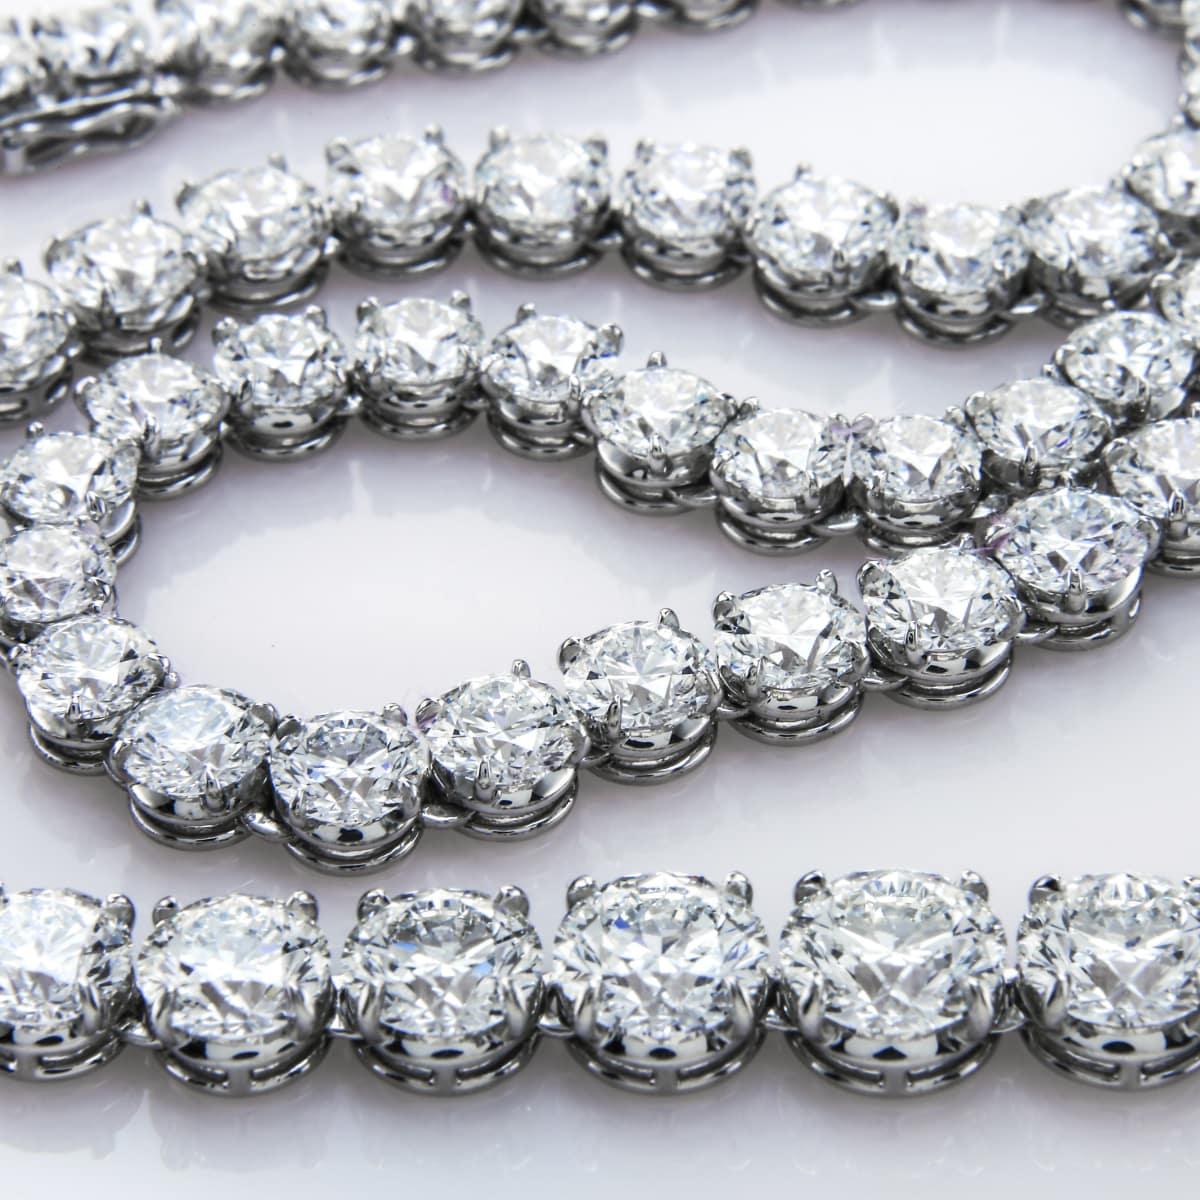 Diamond bracelet or necklace